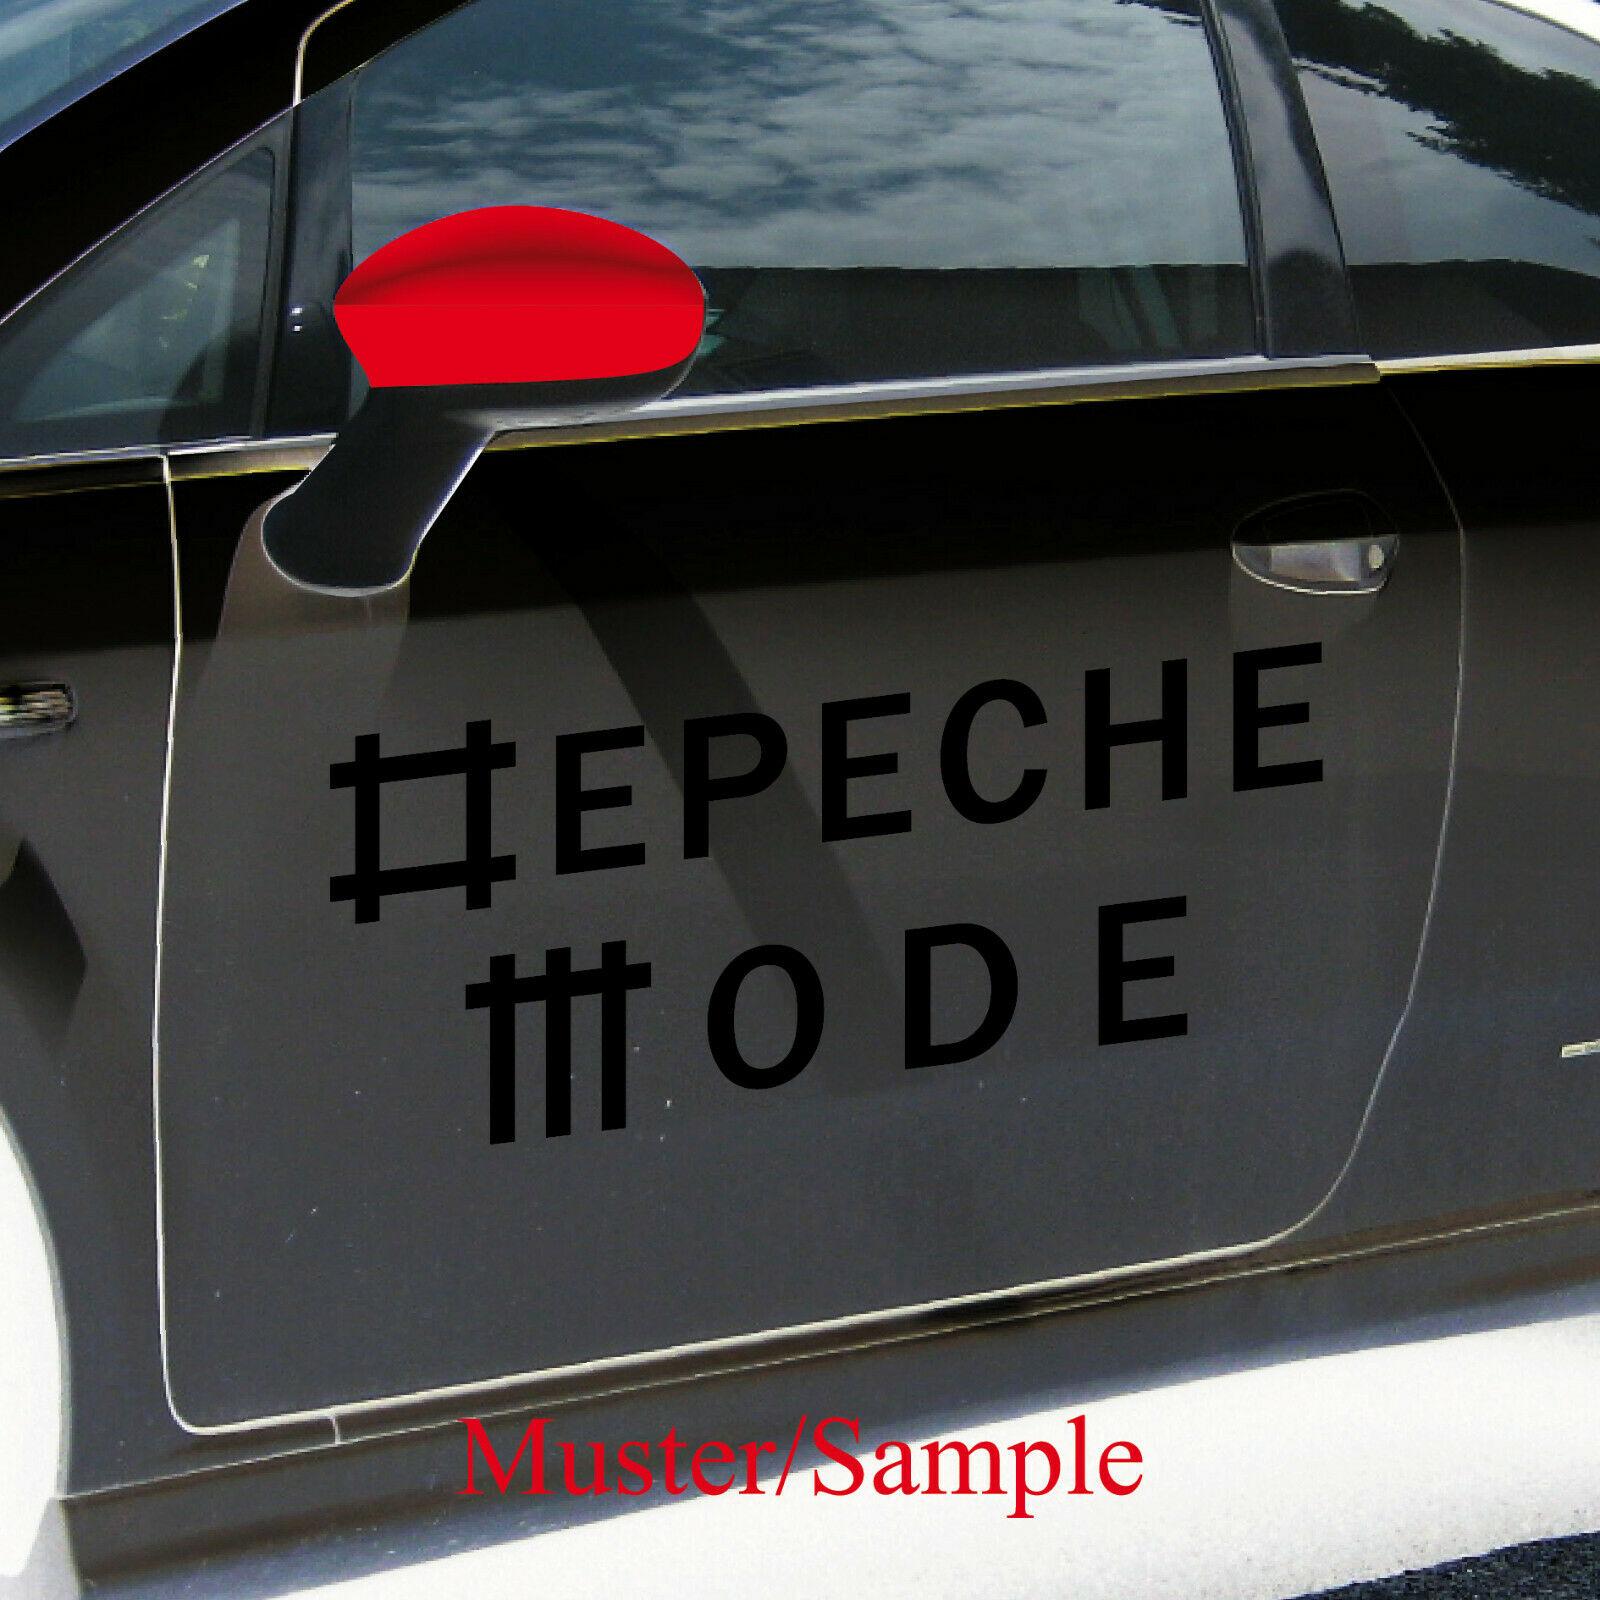 Universe schwarz L Schriftzug Auto Fenster Tür Depeche Mode Aufkleber Tattoo